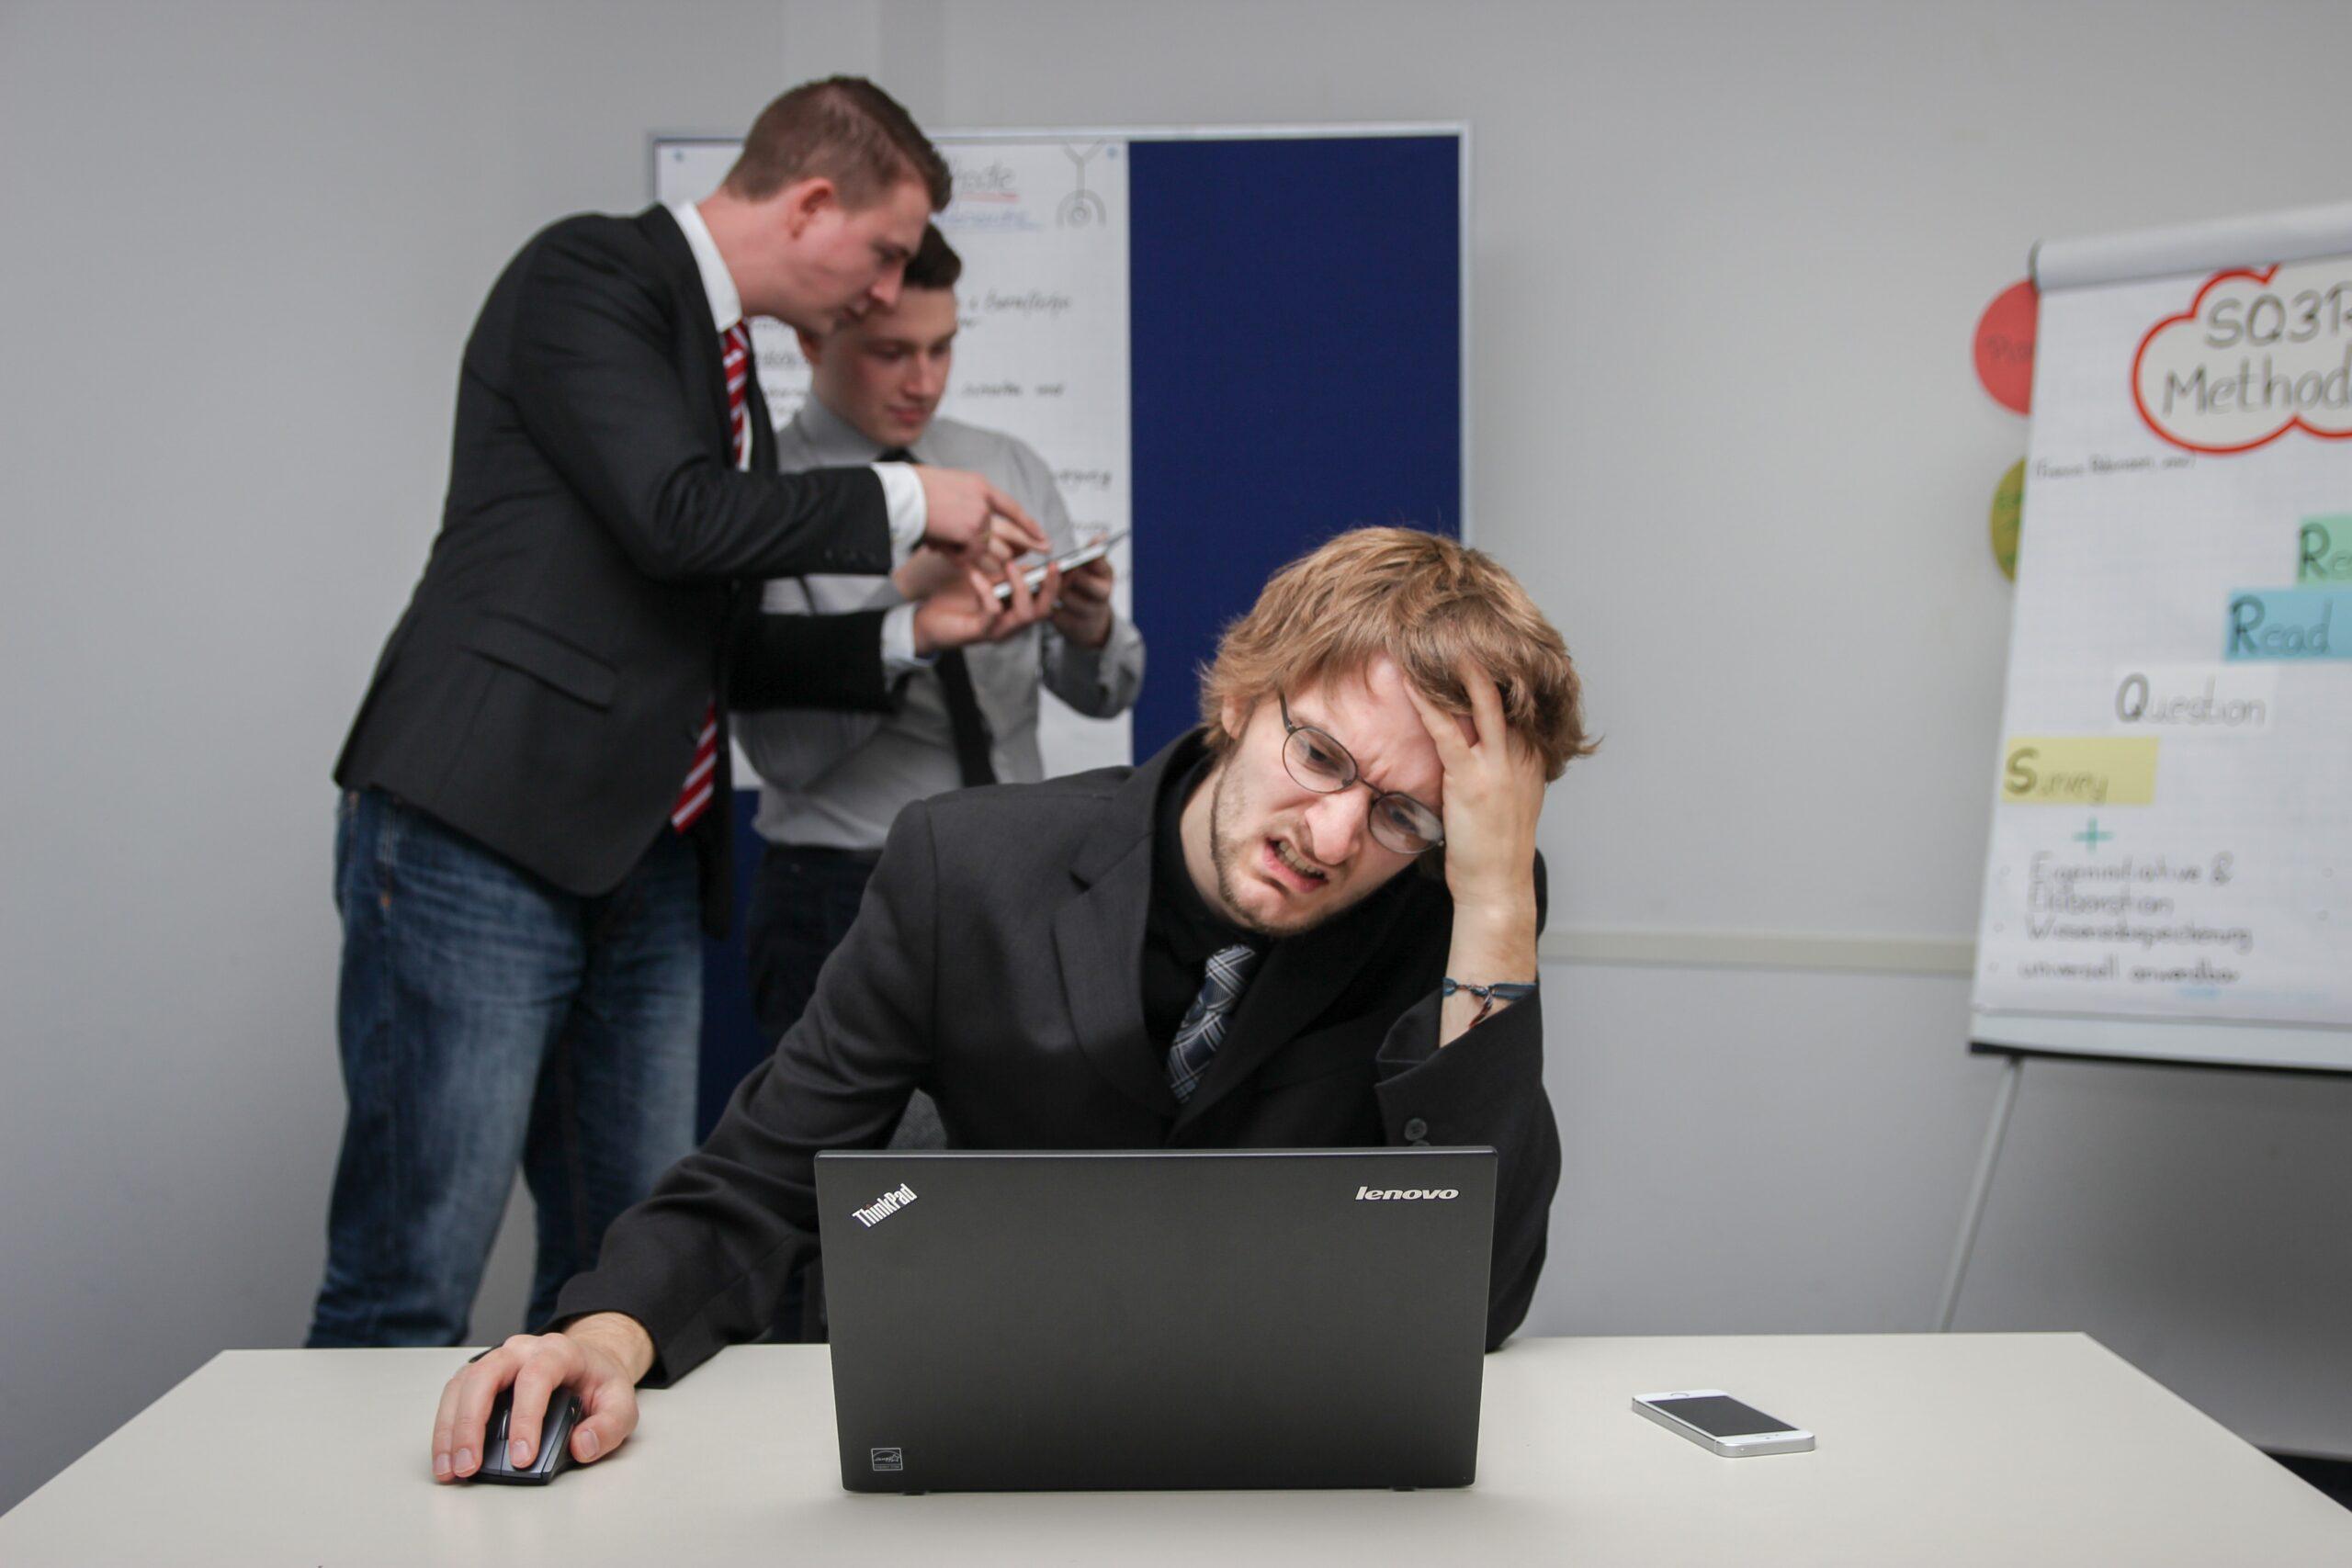 転職失敗した人が苦しい思いをしている風景